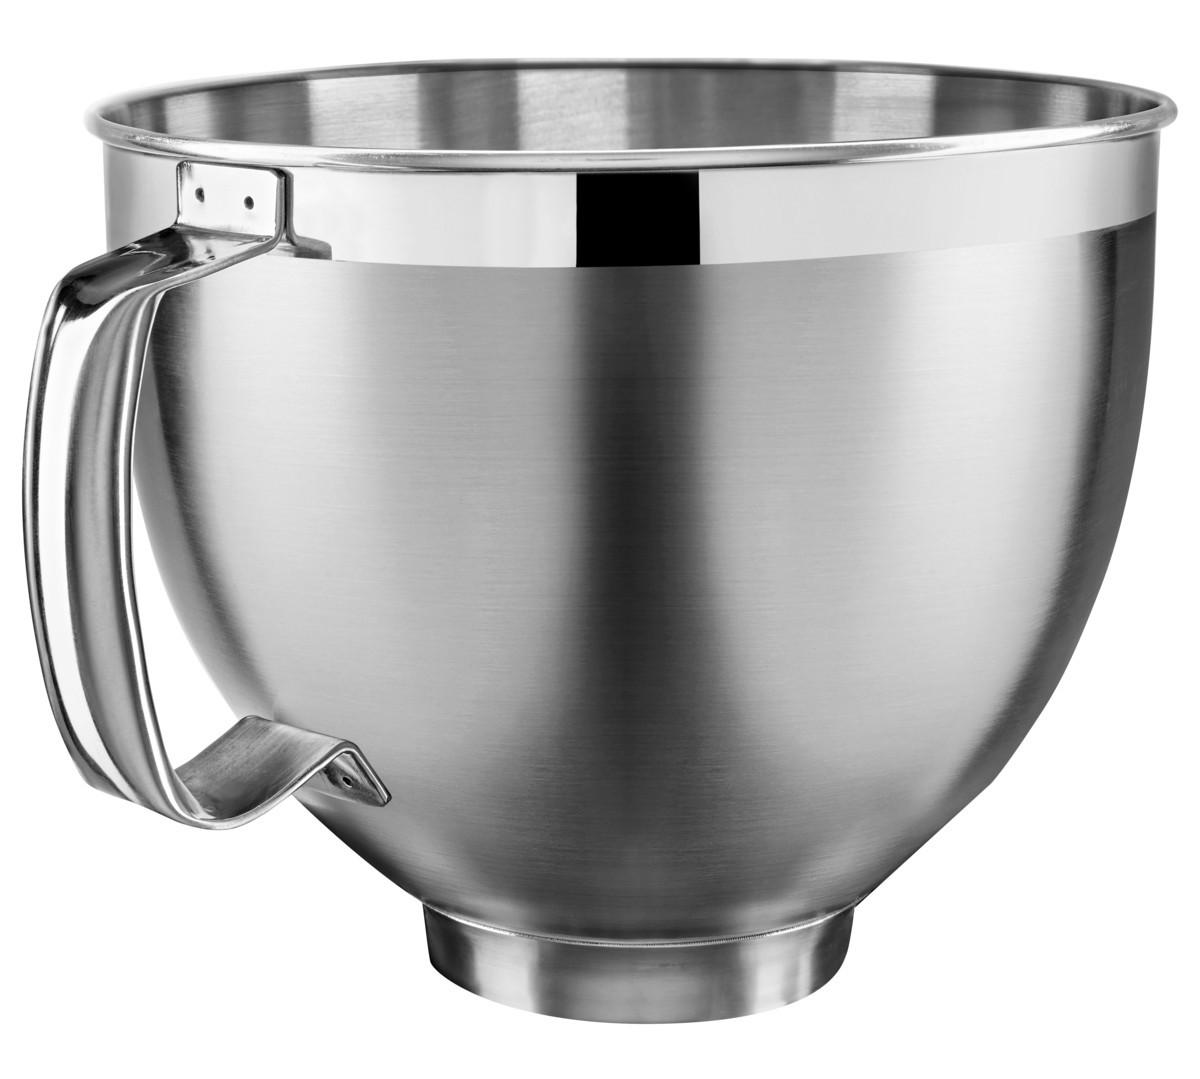 KitchenAid 4.8 Liter Edelstahlschüssel